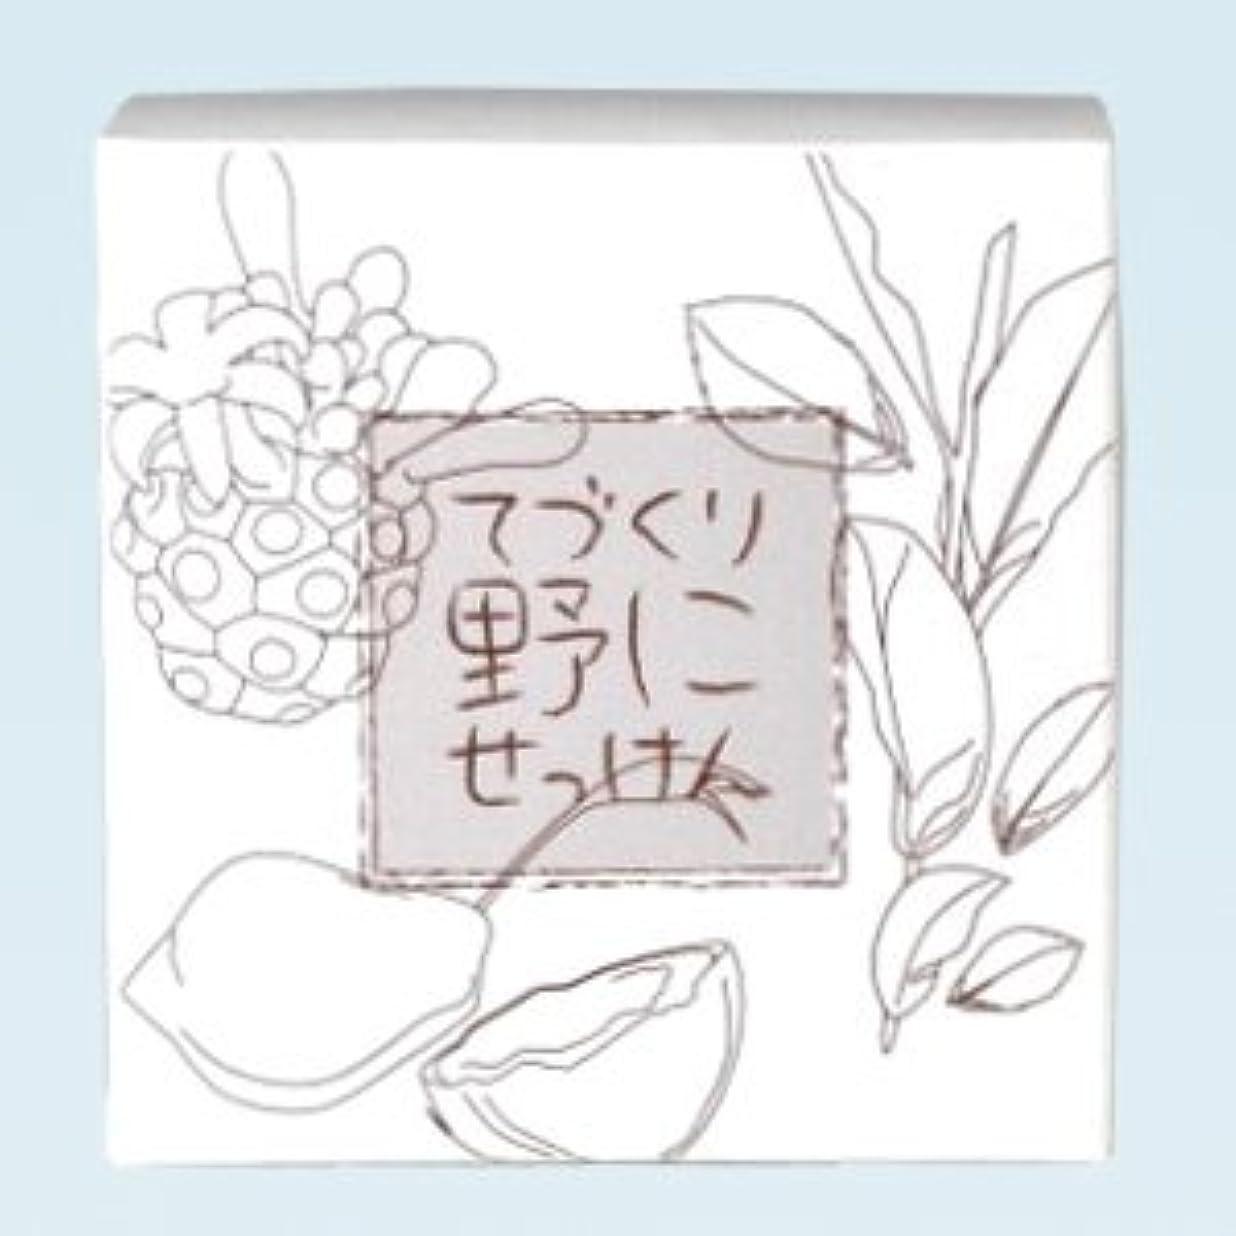 音楽を聴く甲虫転送緑茶ノニ石鹸 てづくり野にせっけん(115g)